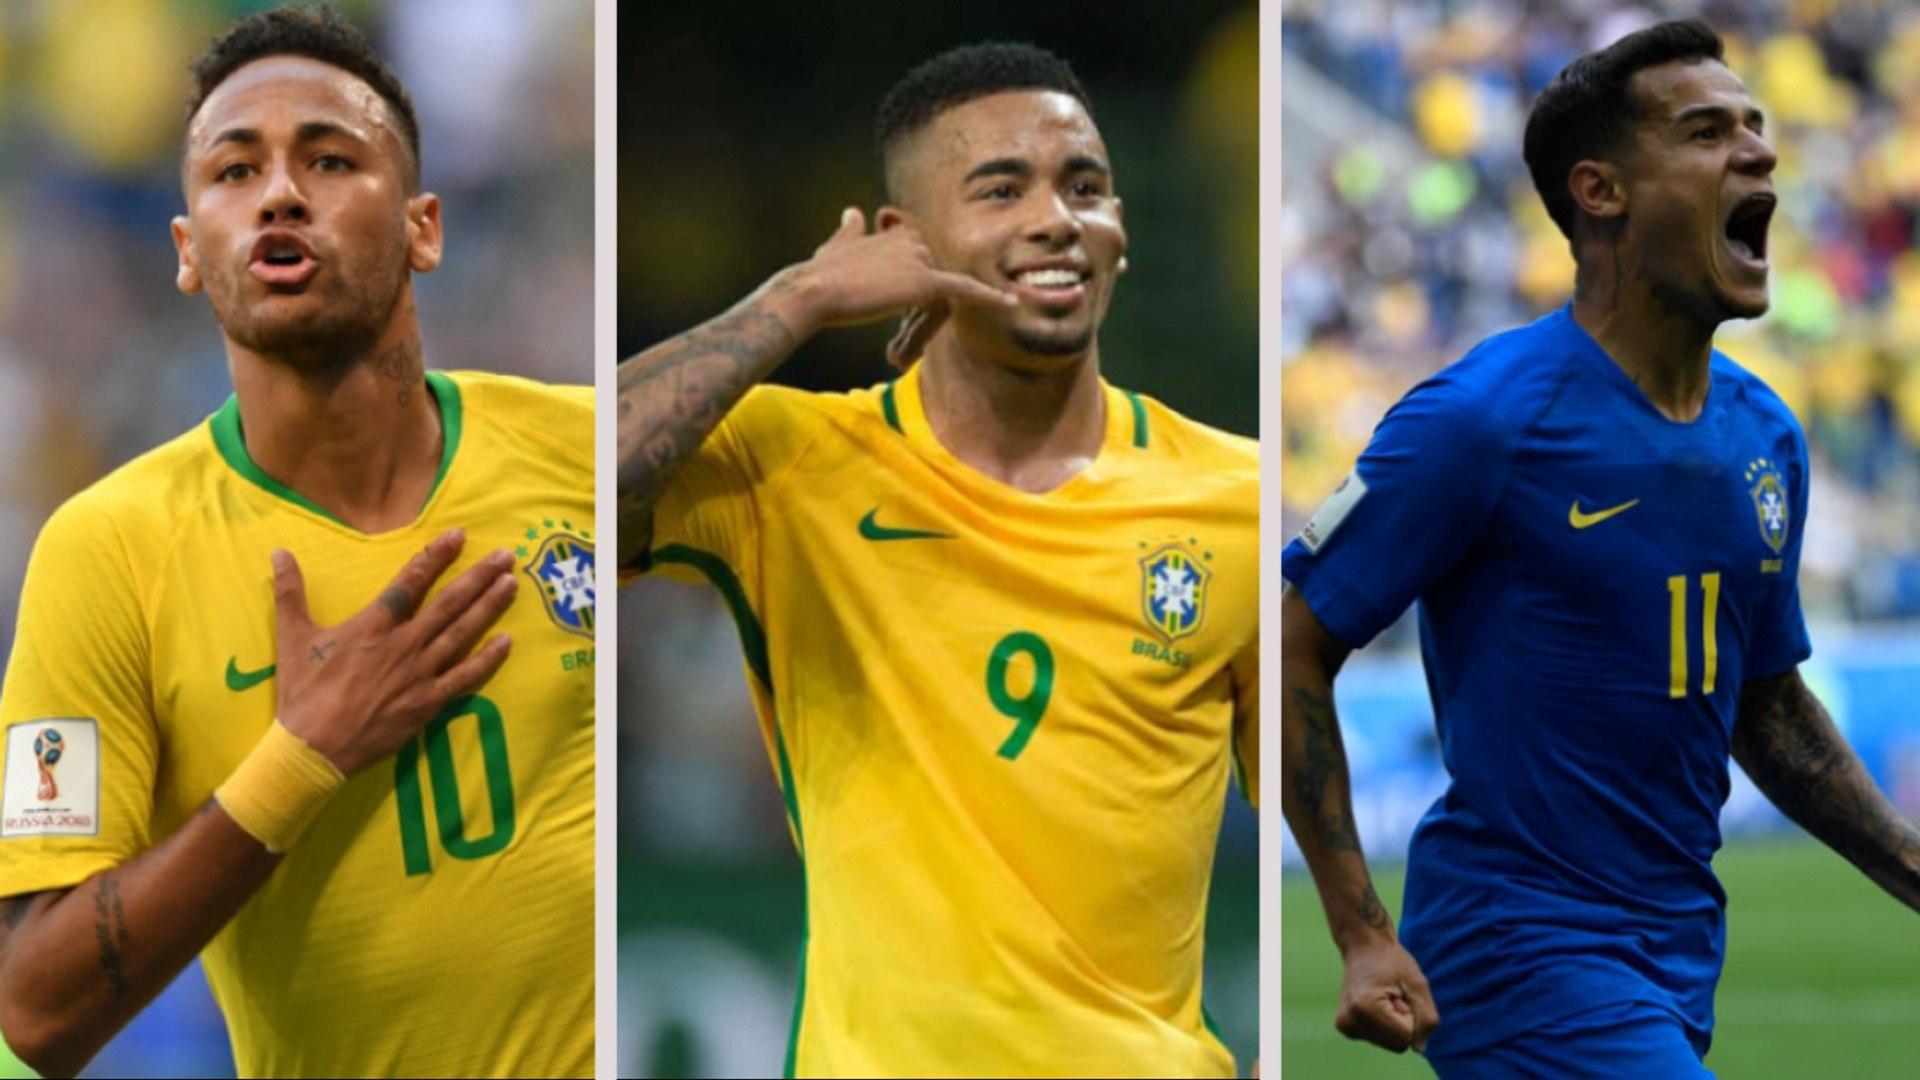 Os goleadores da Seleção Brasileira na Era Tite